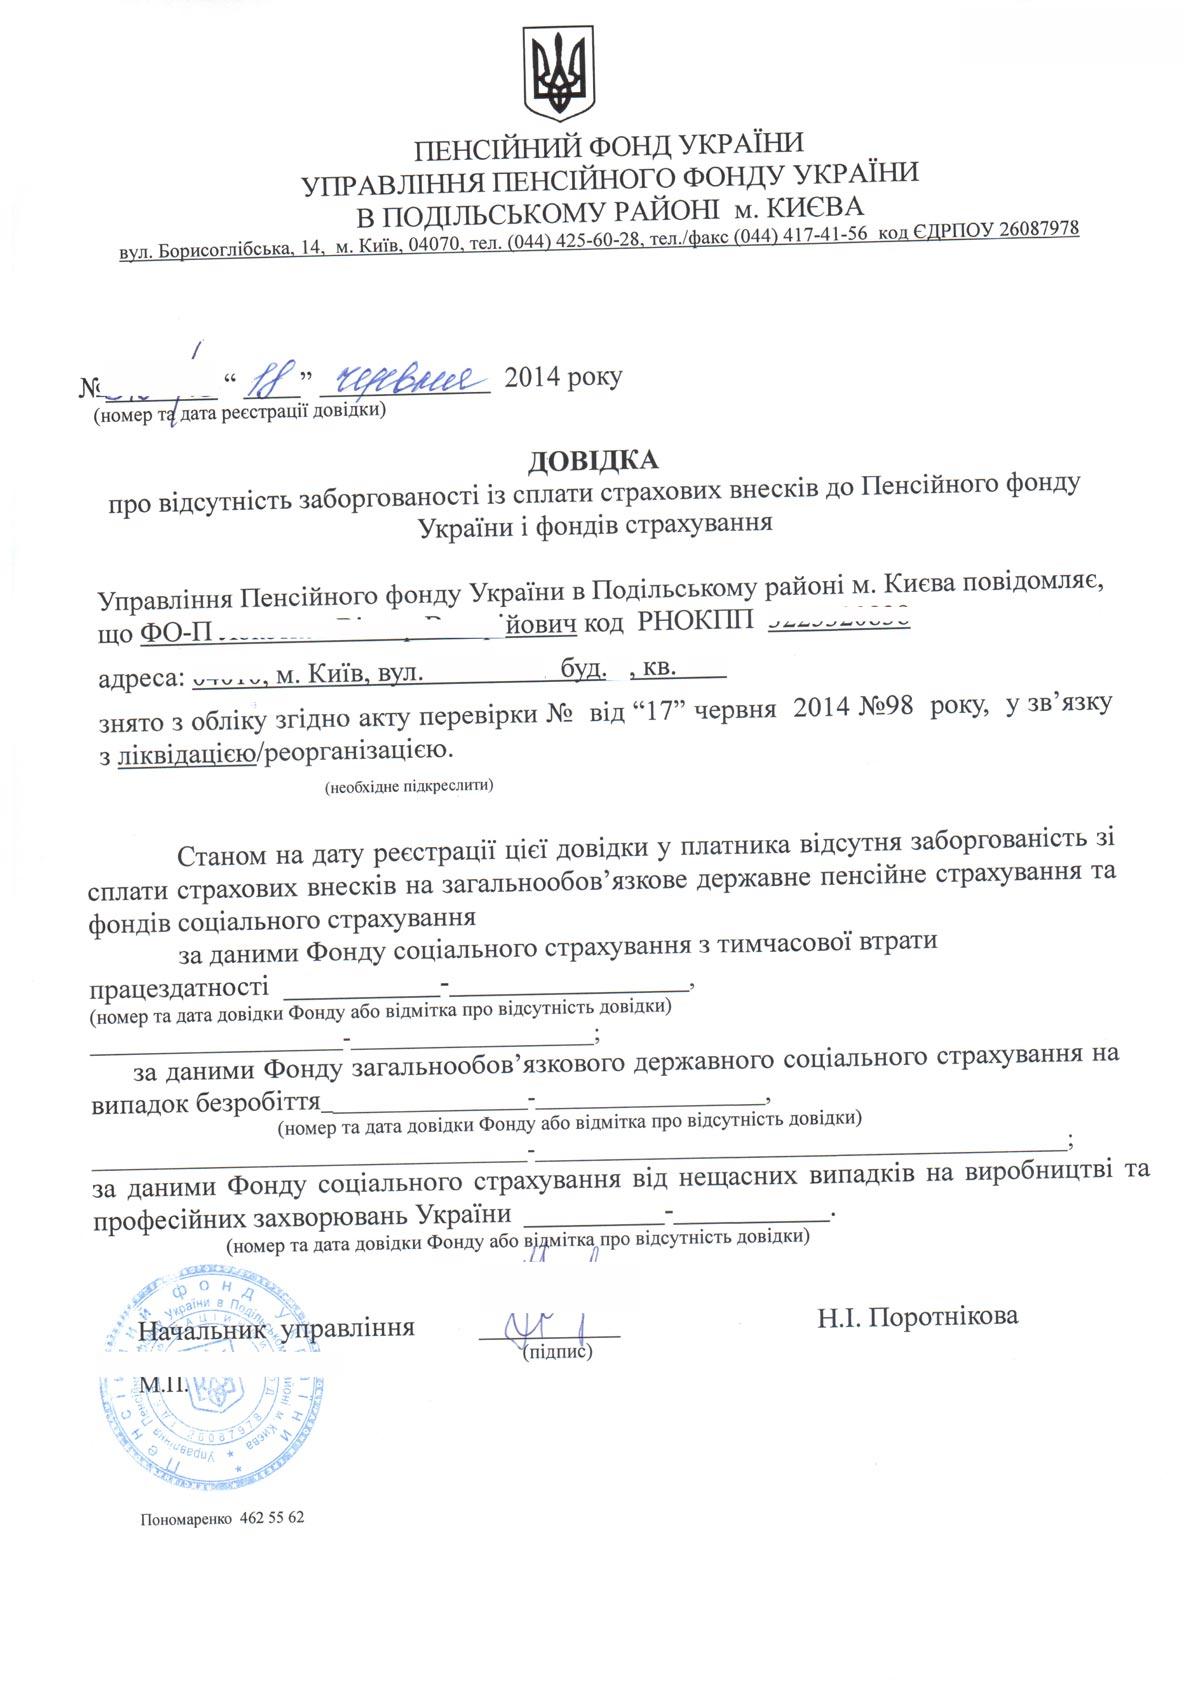 Заявление на закрытие предпринимательской деятельности